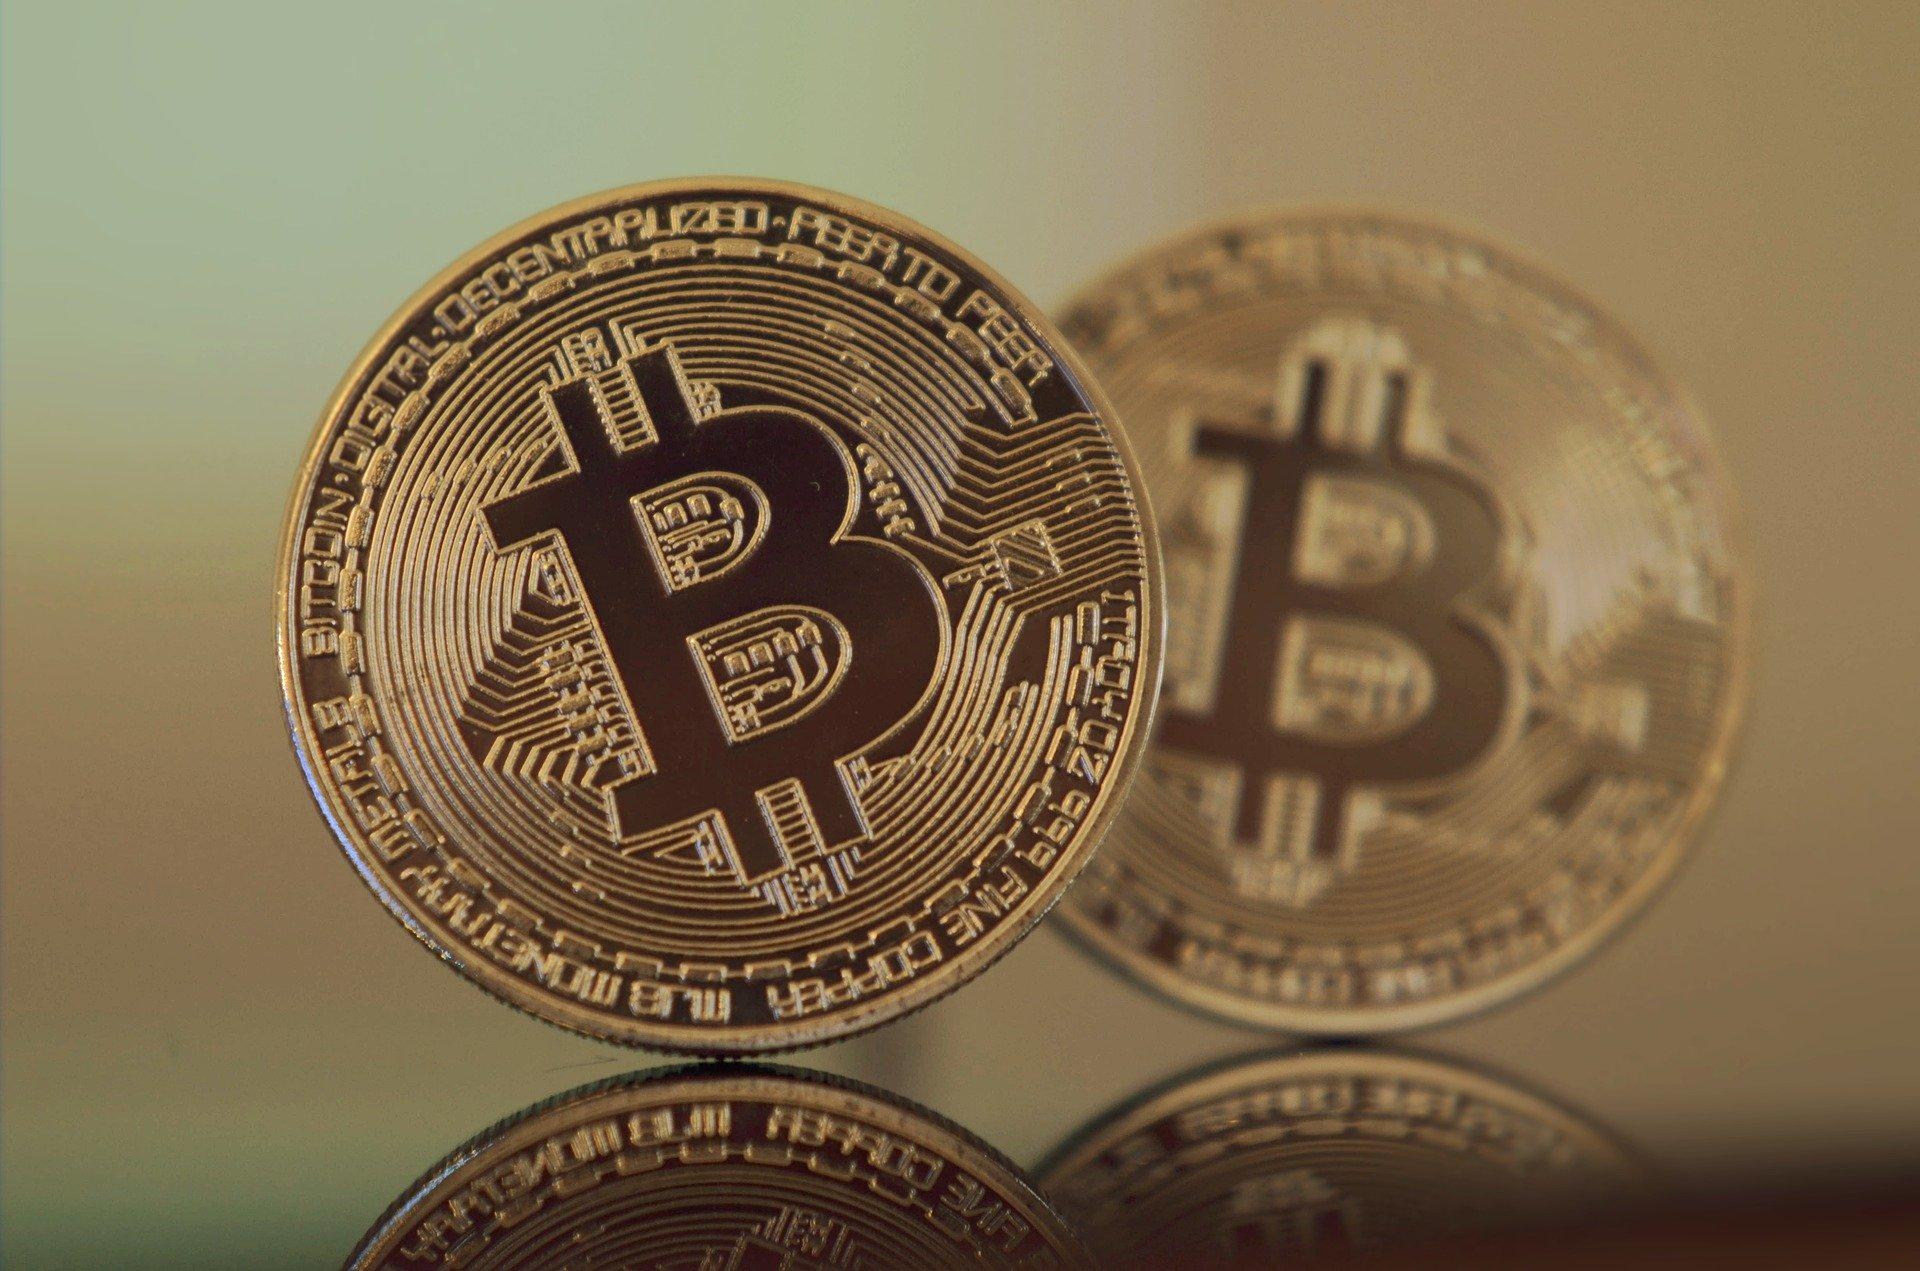 köpa bitcoin sito ufficiale bitcoin pelnas